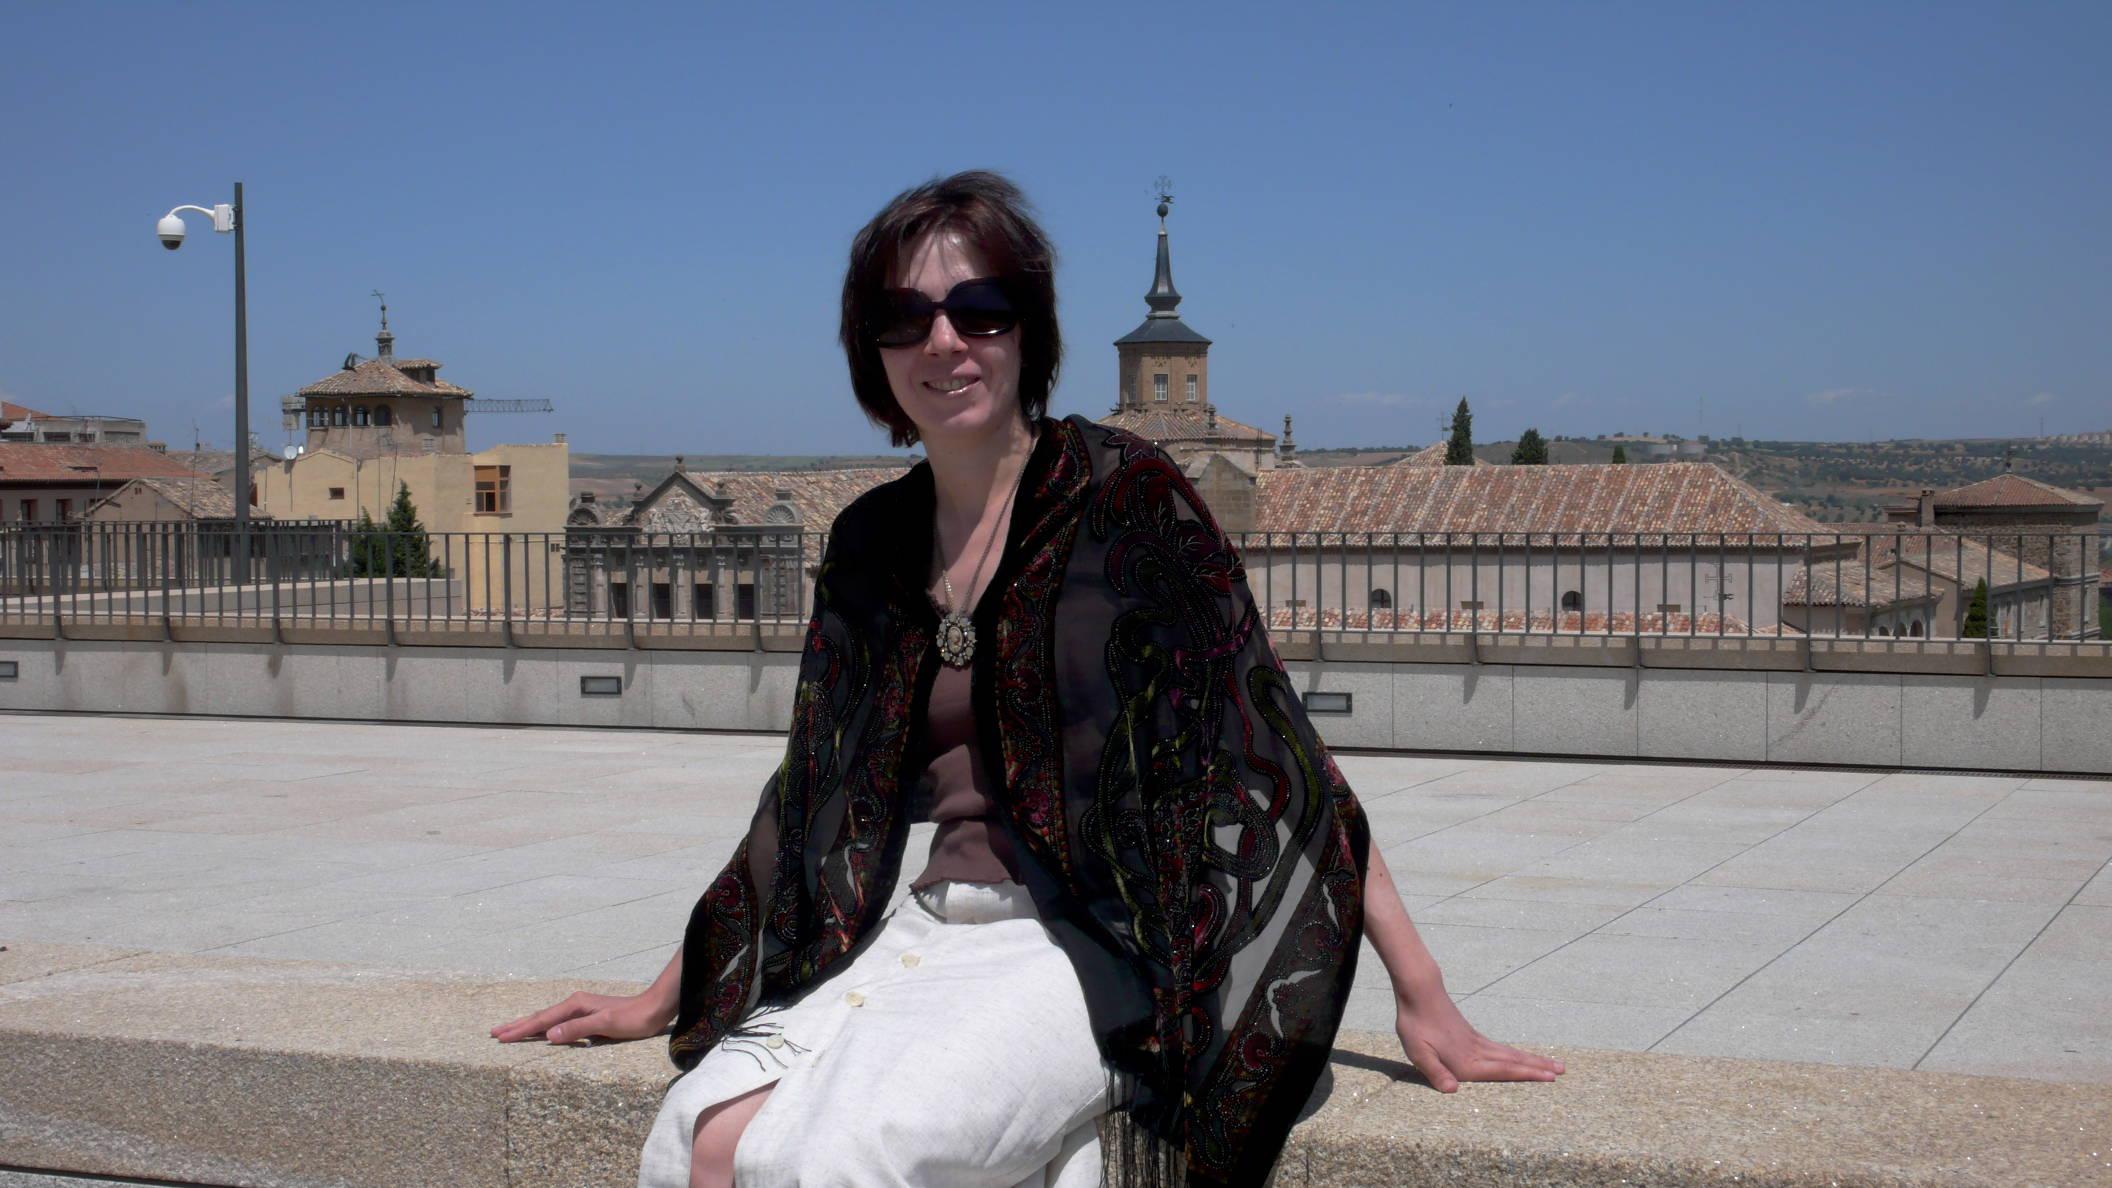 За спиной - Алькасар, главный замок Толедо